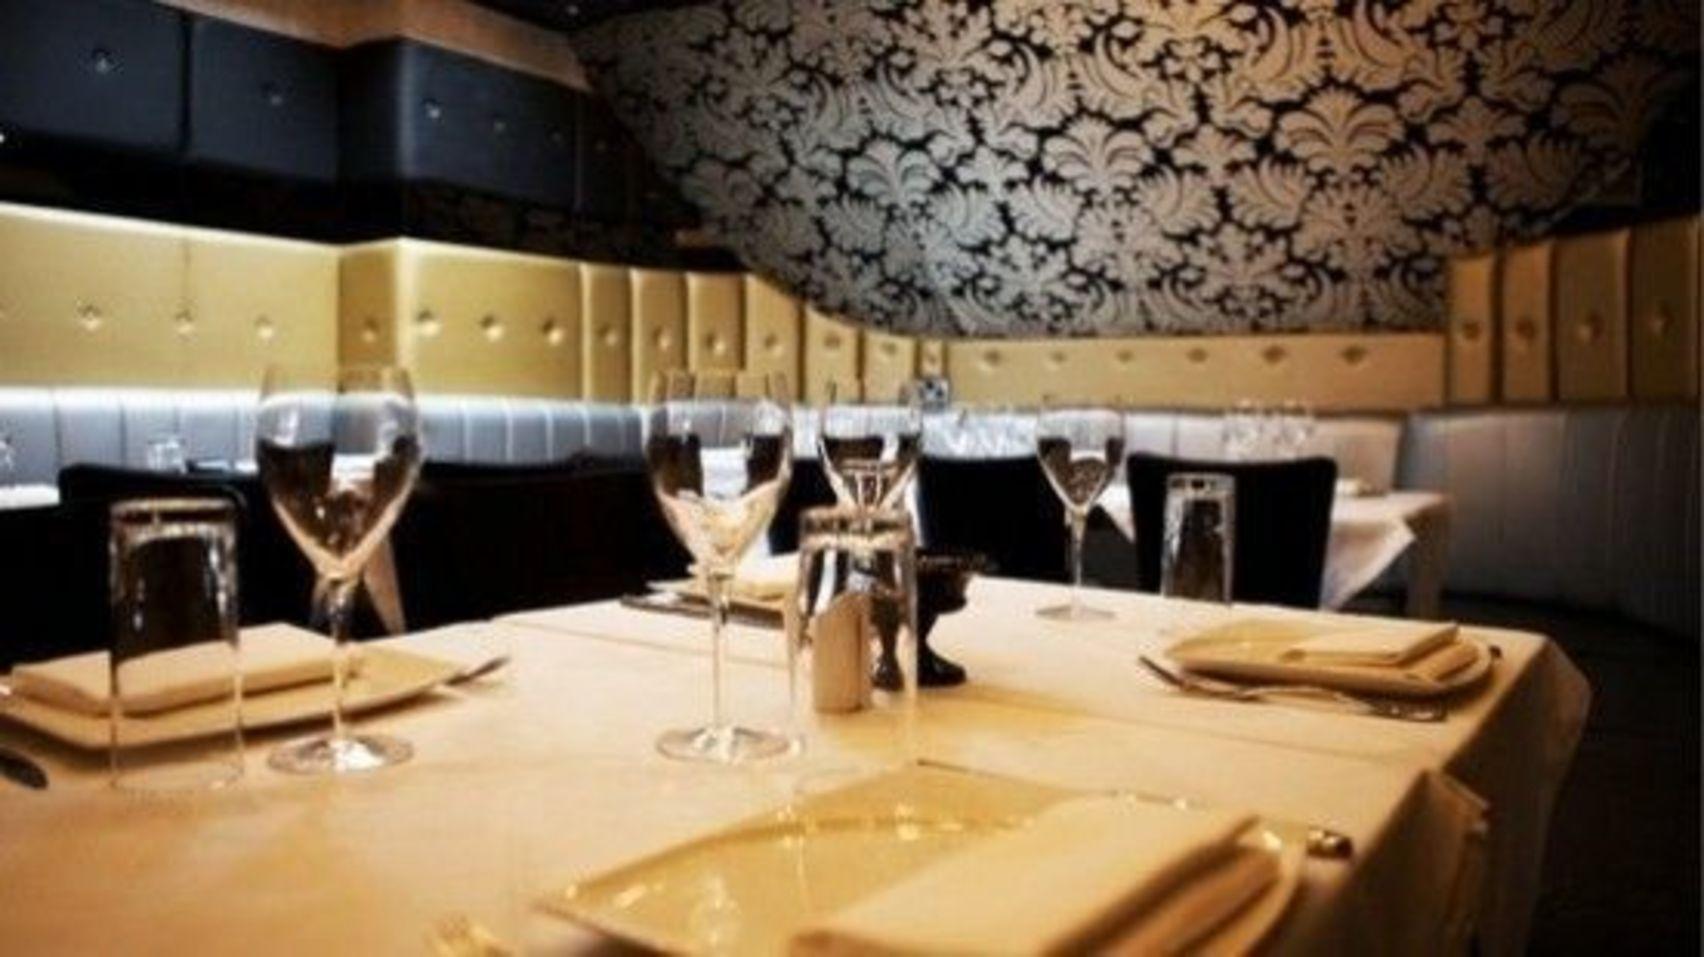 Dinner, VIP Room, Privee of Knightsbridge